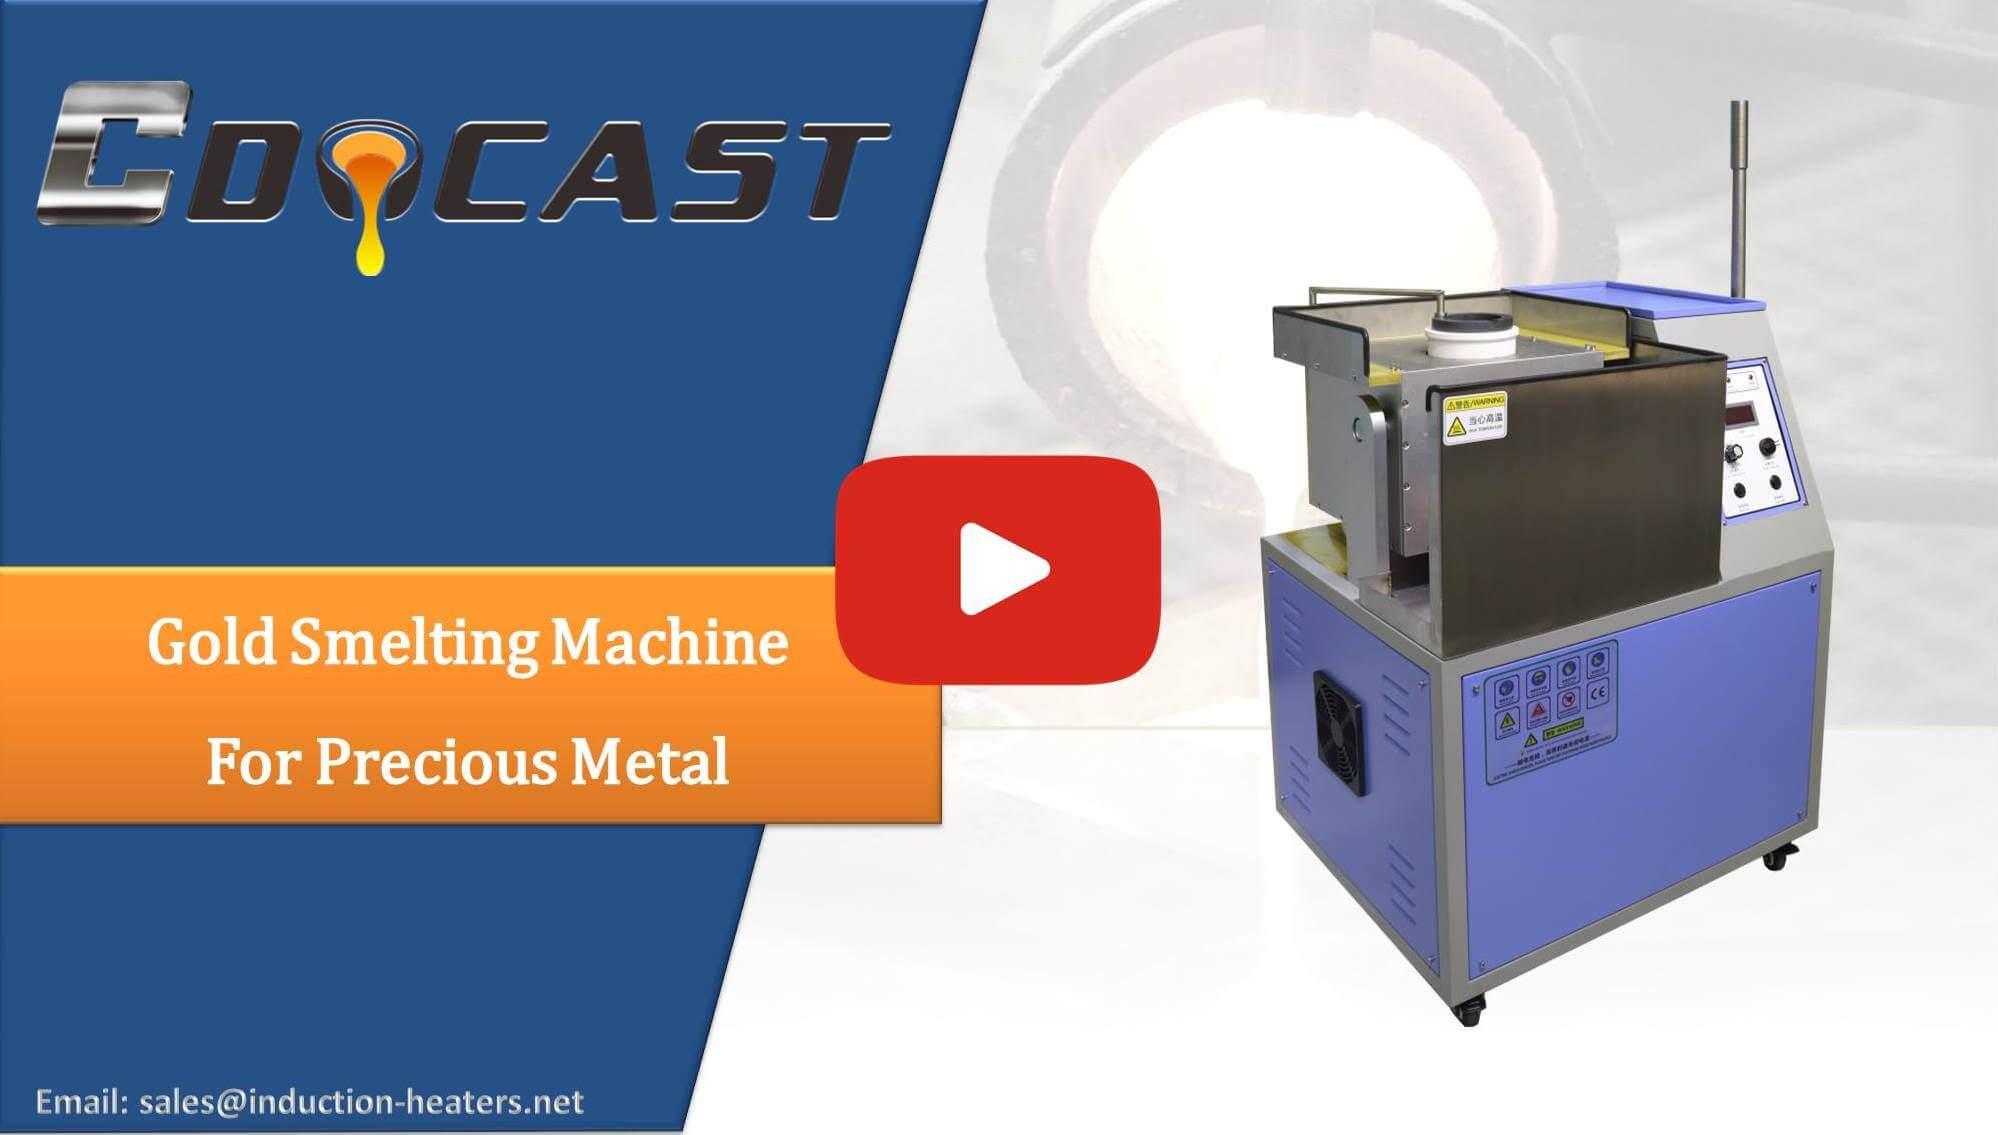 gold smelting machine for precious metal